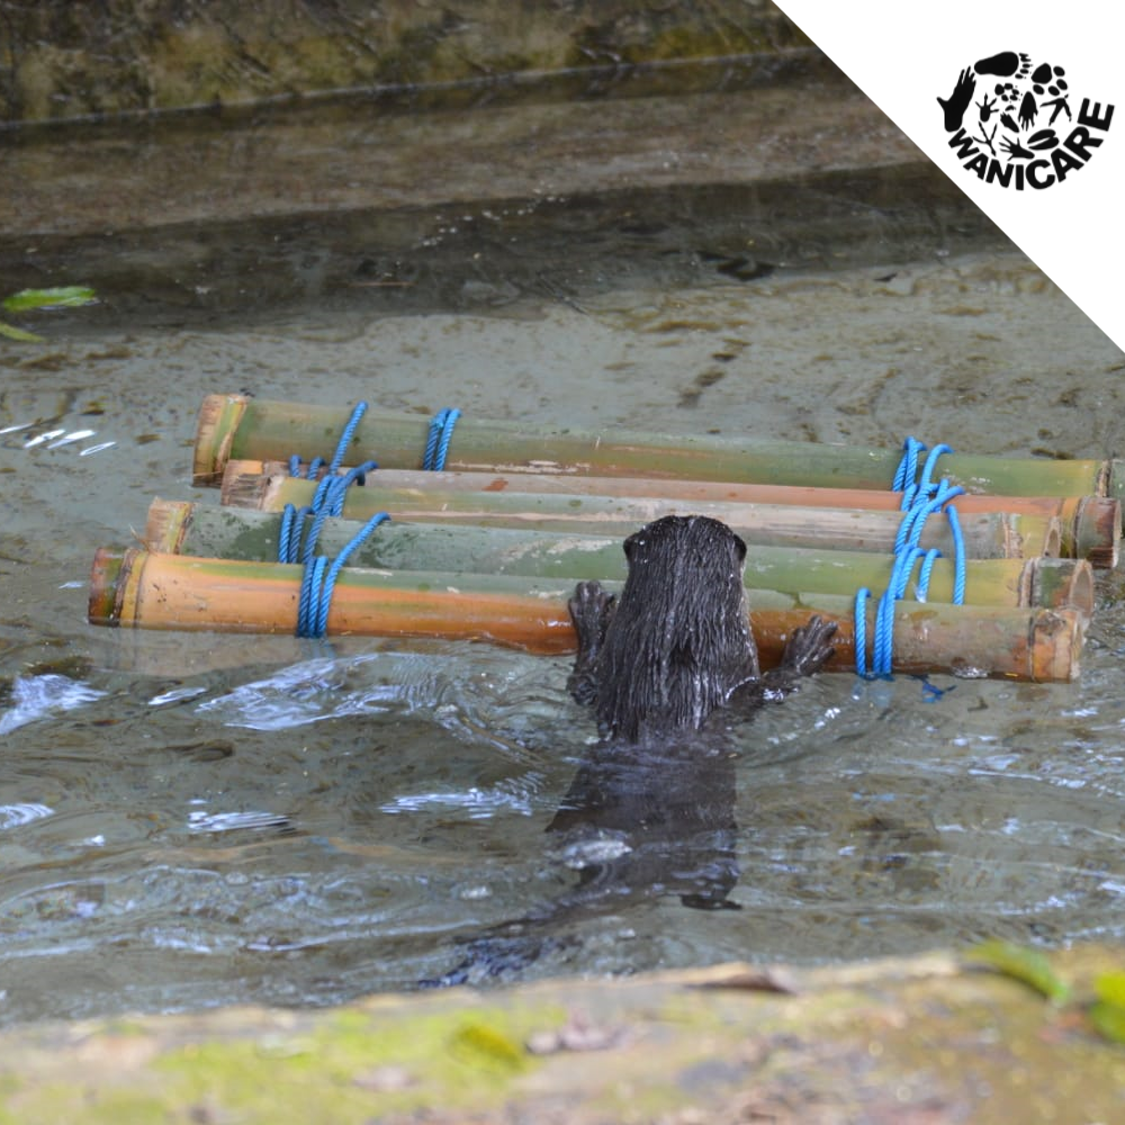 Otter-Cikananga-enrichment-wanicare